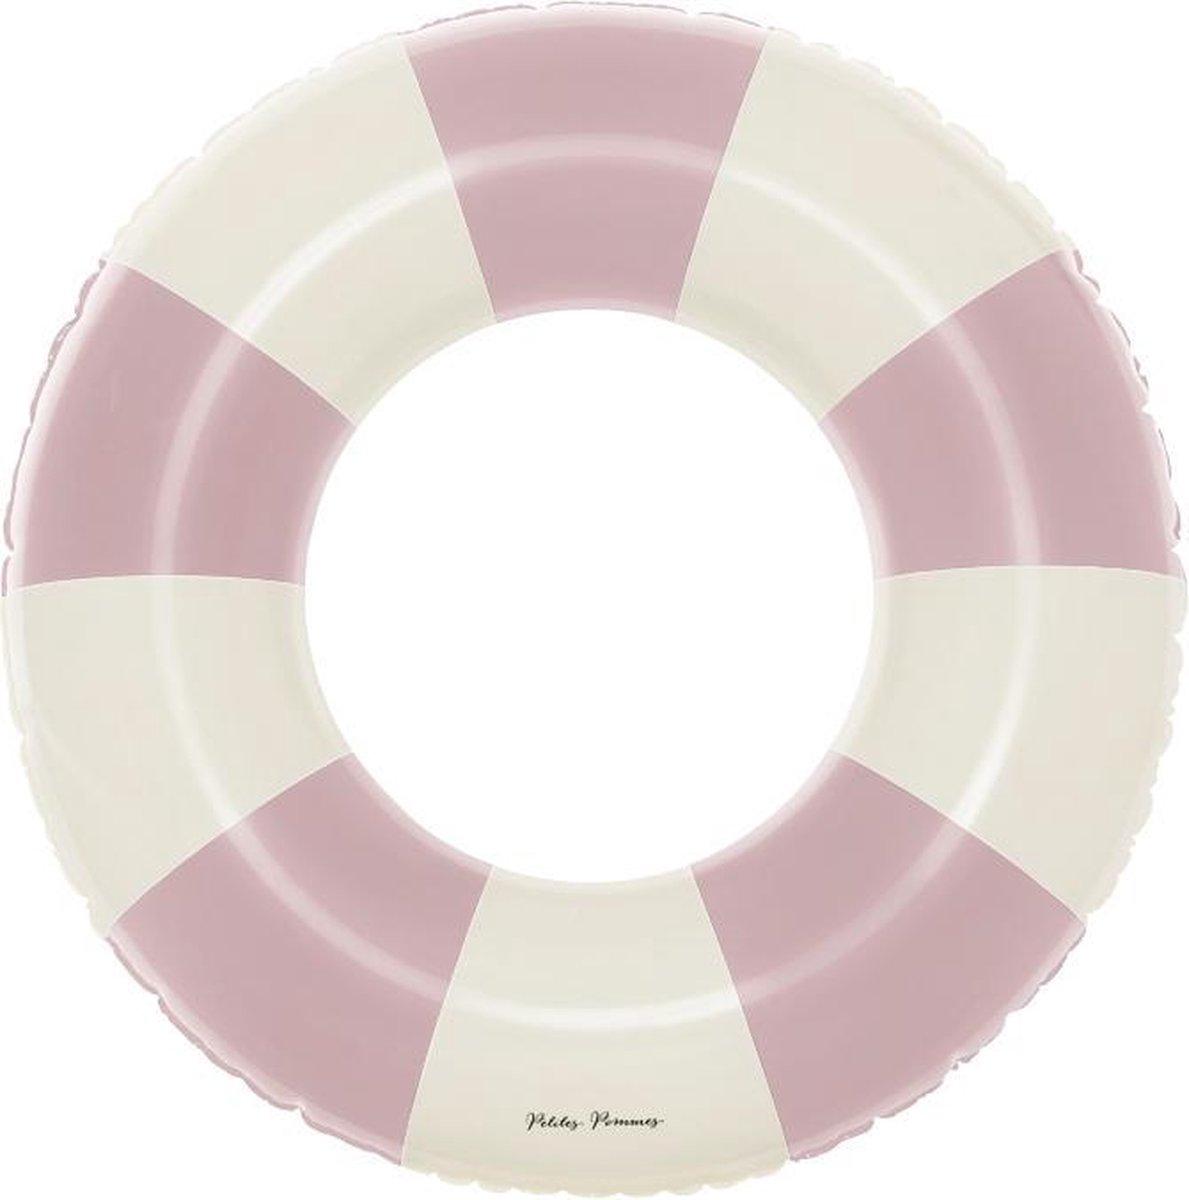 Petites Pommes Zwemring Olivia French Rose - Zwemband - 45 cm - 1 tot 3 jaar